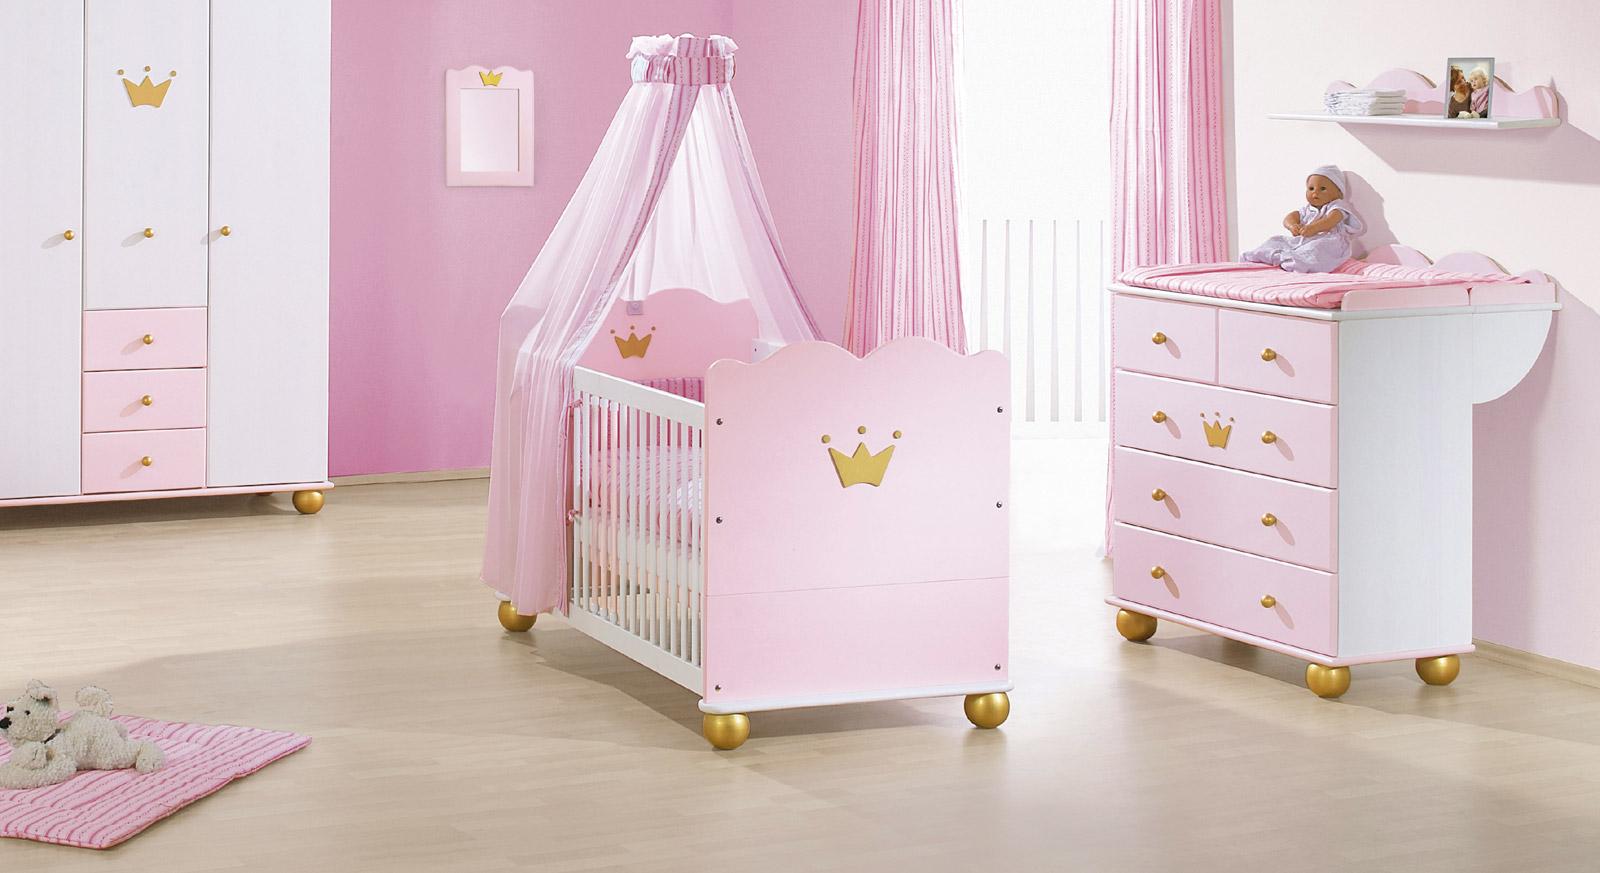 Rosafarbenes Kinderbett aus Fichte - Prinzessin Karolin